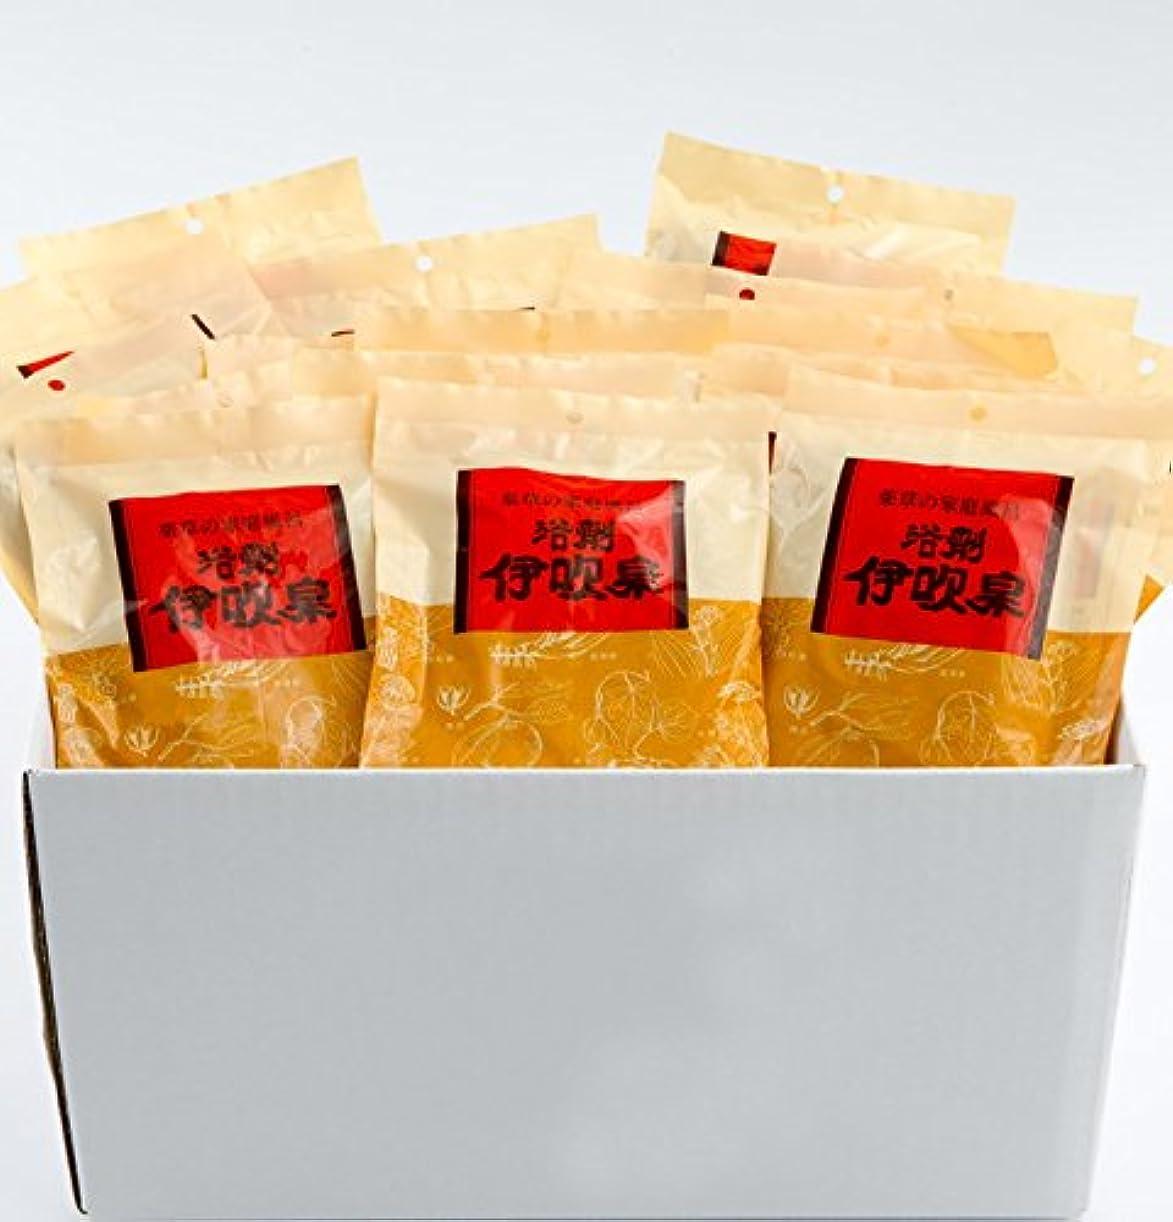 王位専門知識延期する浴剤 伊吹泉 ~薬草の家庭風呂~ 16袋(32包)セット